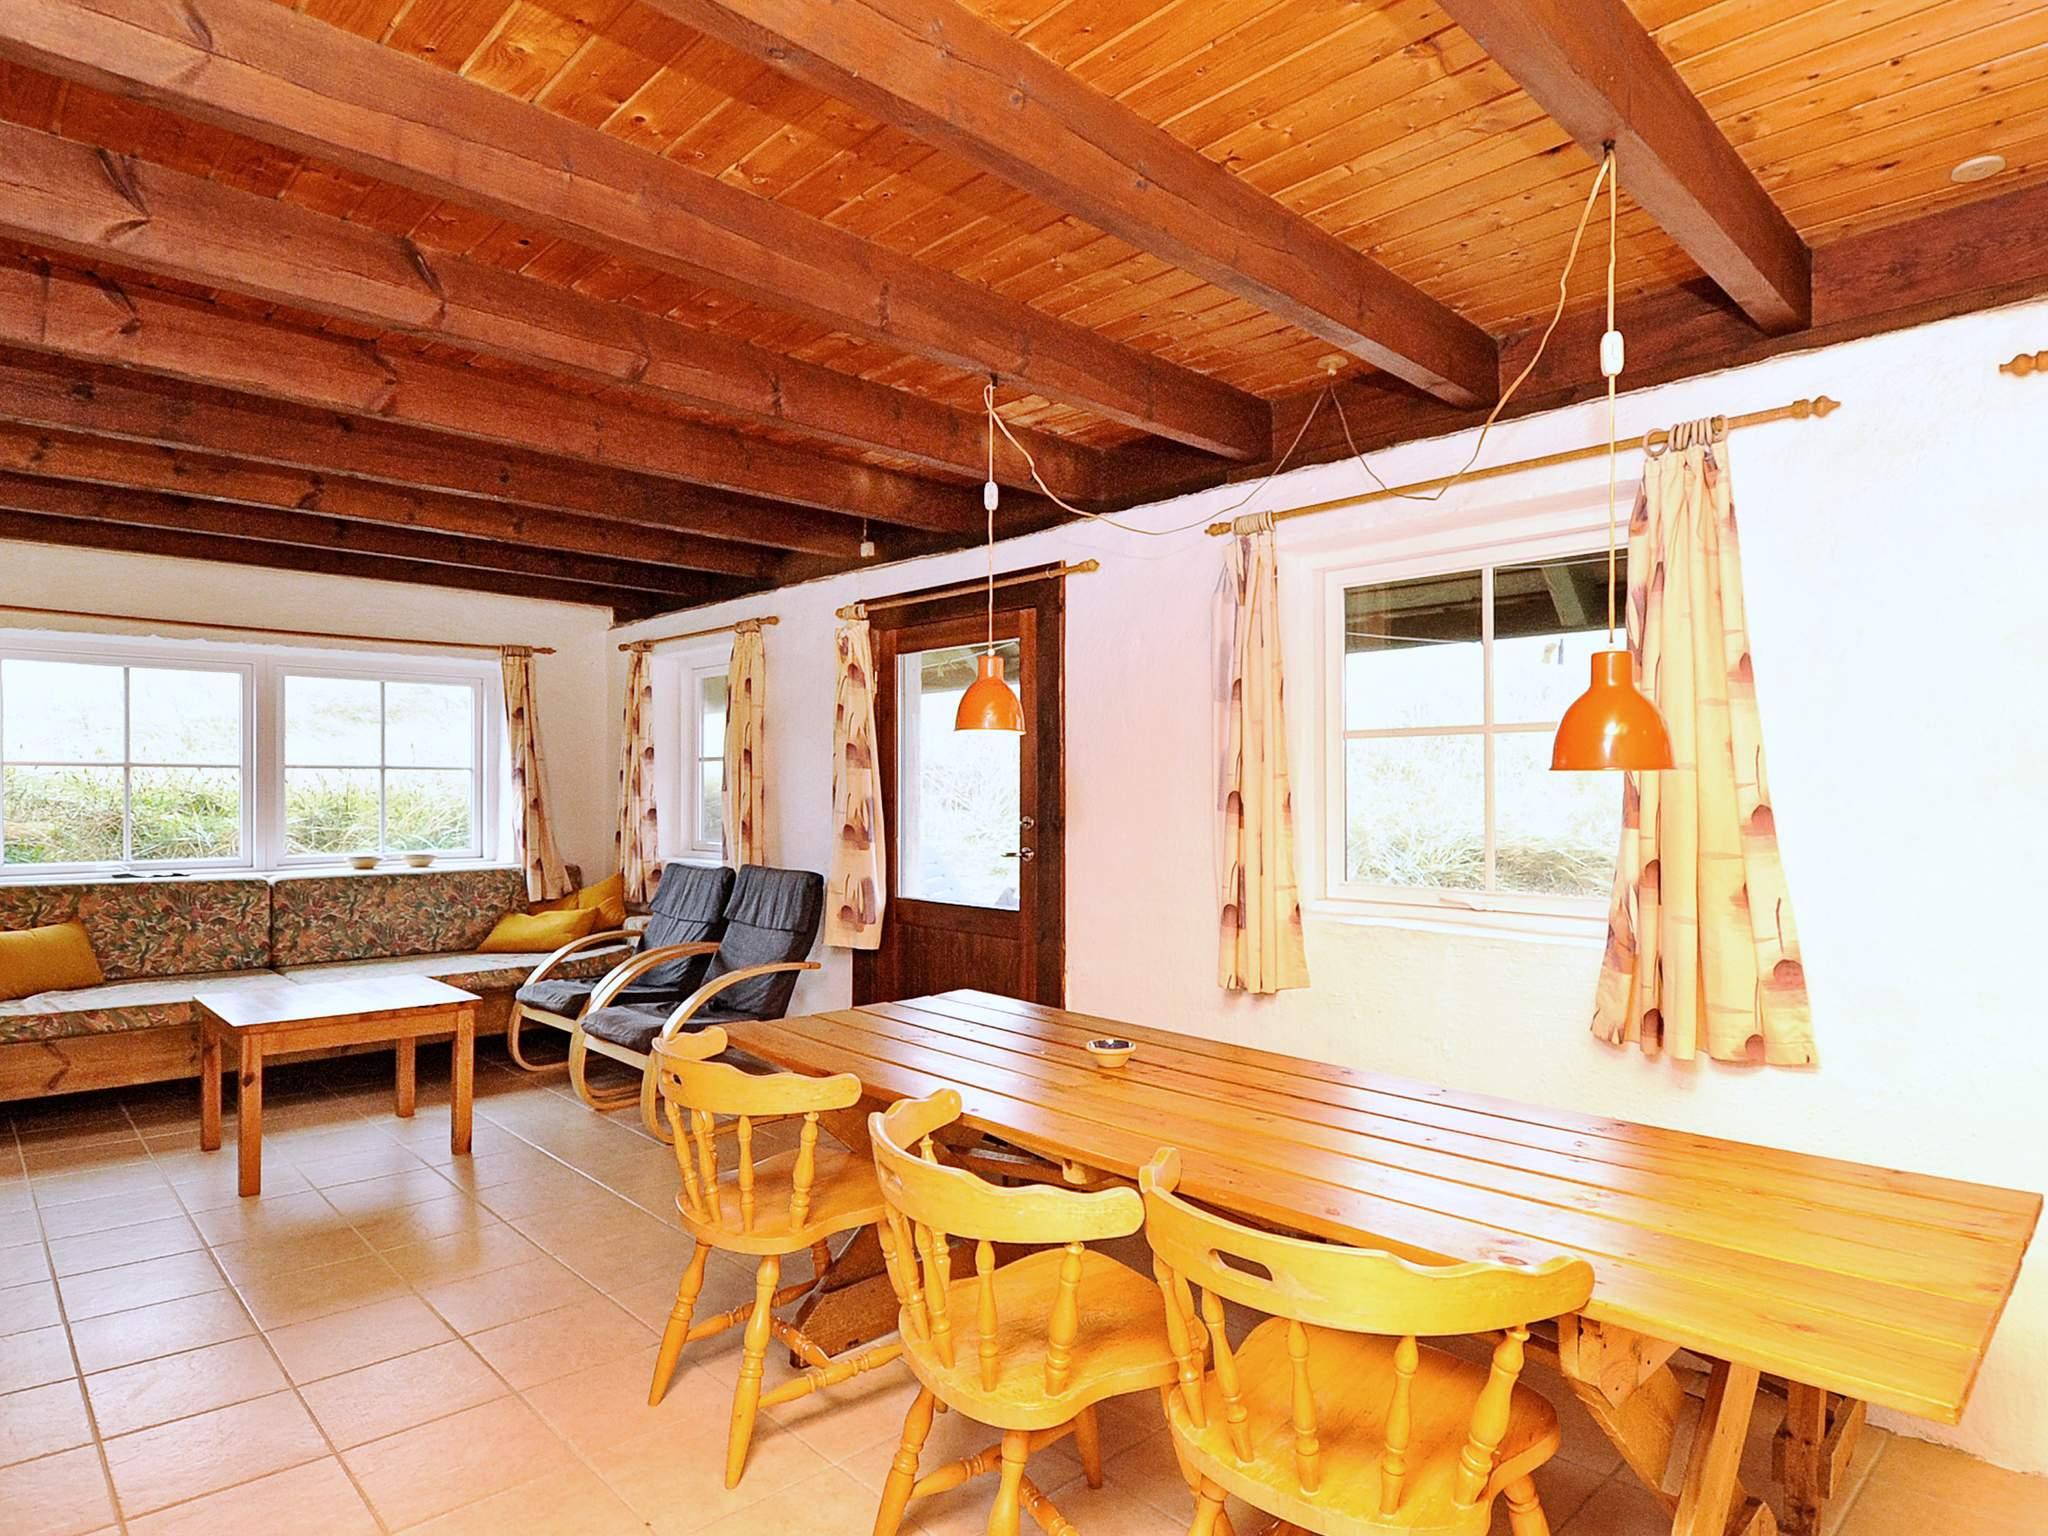 Ferienhaus Fjaltring Ferieby (88878), Fjaltring, , Limfjord, Dänemark, Bild 5